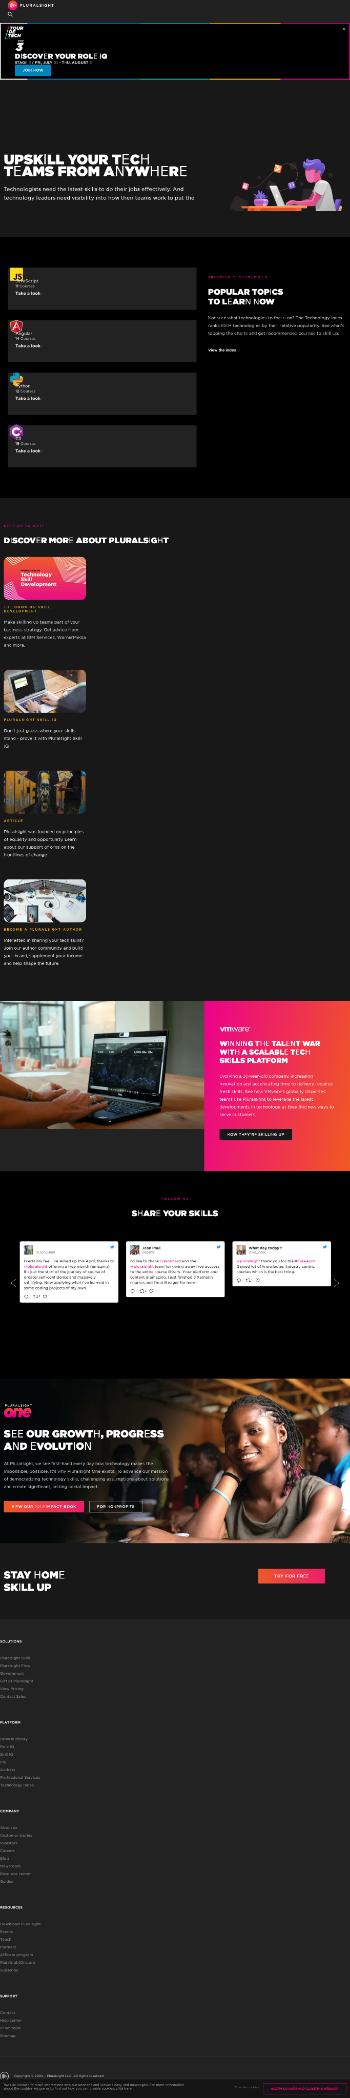 Pluralsight, Inc. Website Screenshot